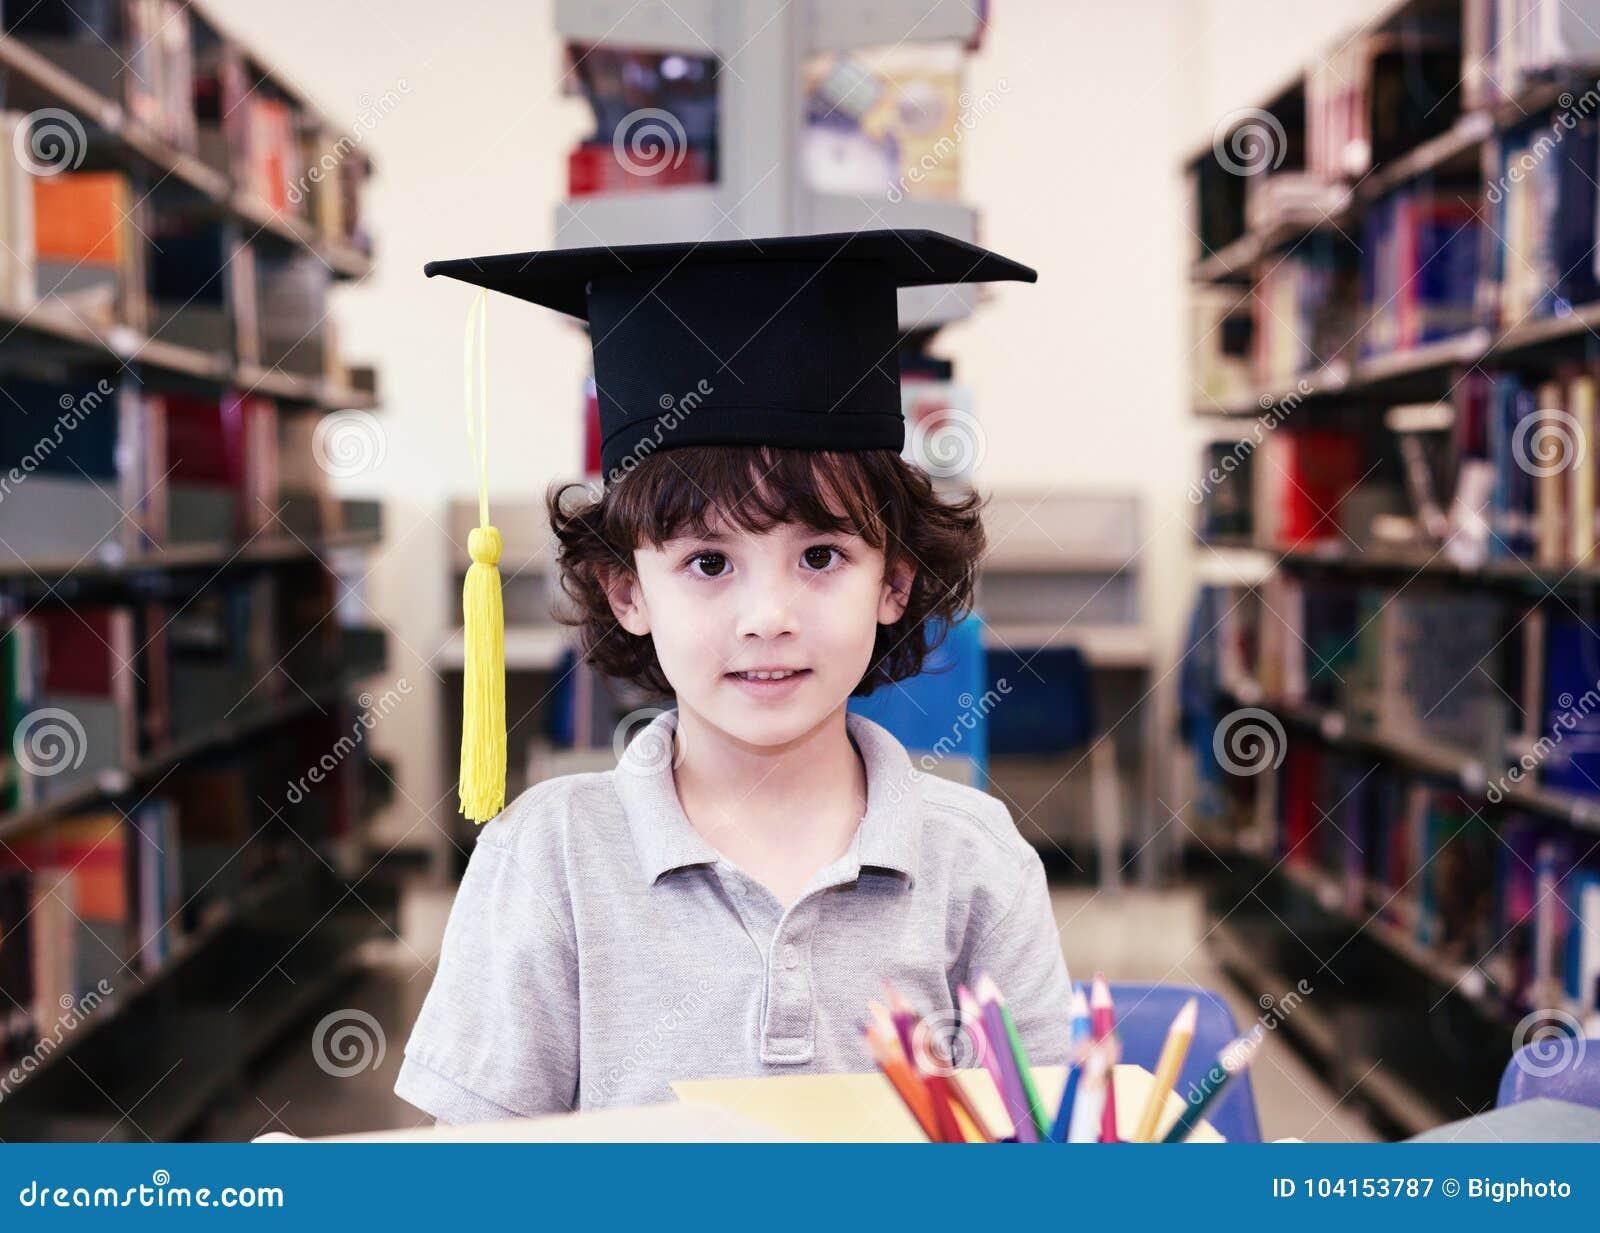 Λατρευτός λίγο παιδί, αγόρι, που κάθεται σε μια βιβλιοθήκη, που διαβάζει τα βιβλία